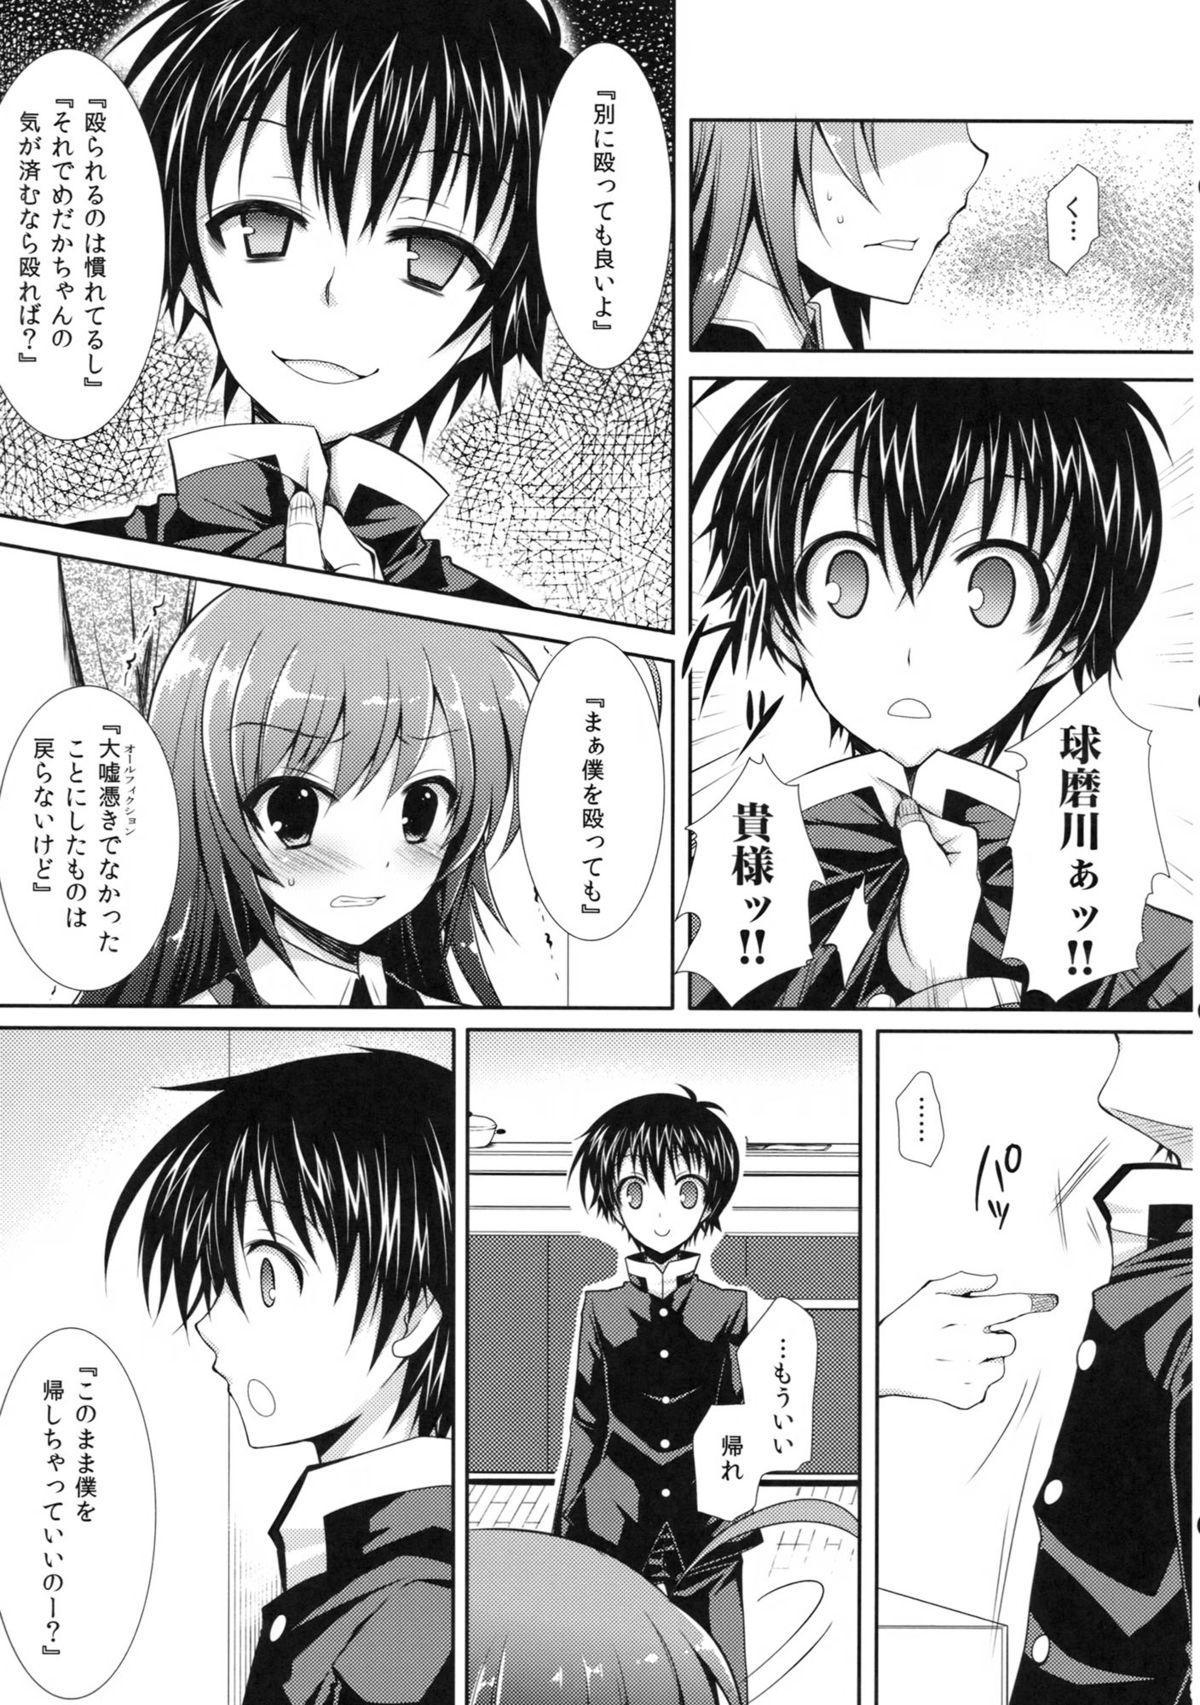 (C83) [Sugar*Berry*Syrup (Kuroe)] Shinkon Medaka-chan ga Kumagawa-kun ni NTR-reru Hon (Medaka Box) 7